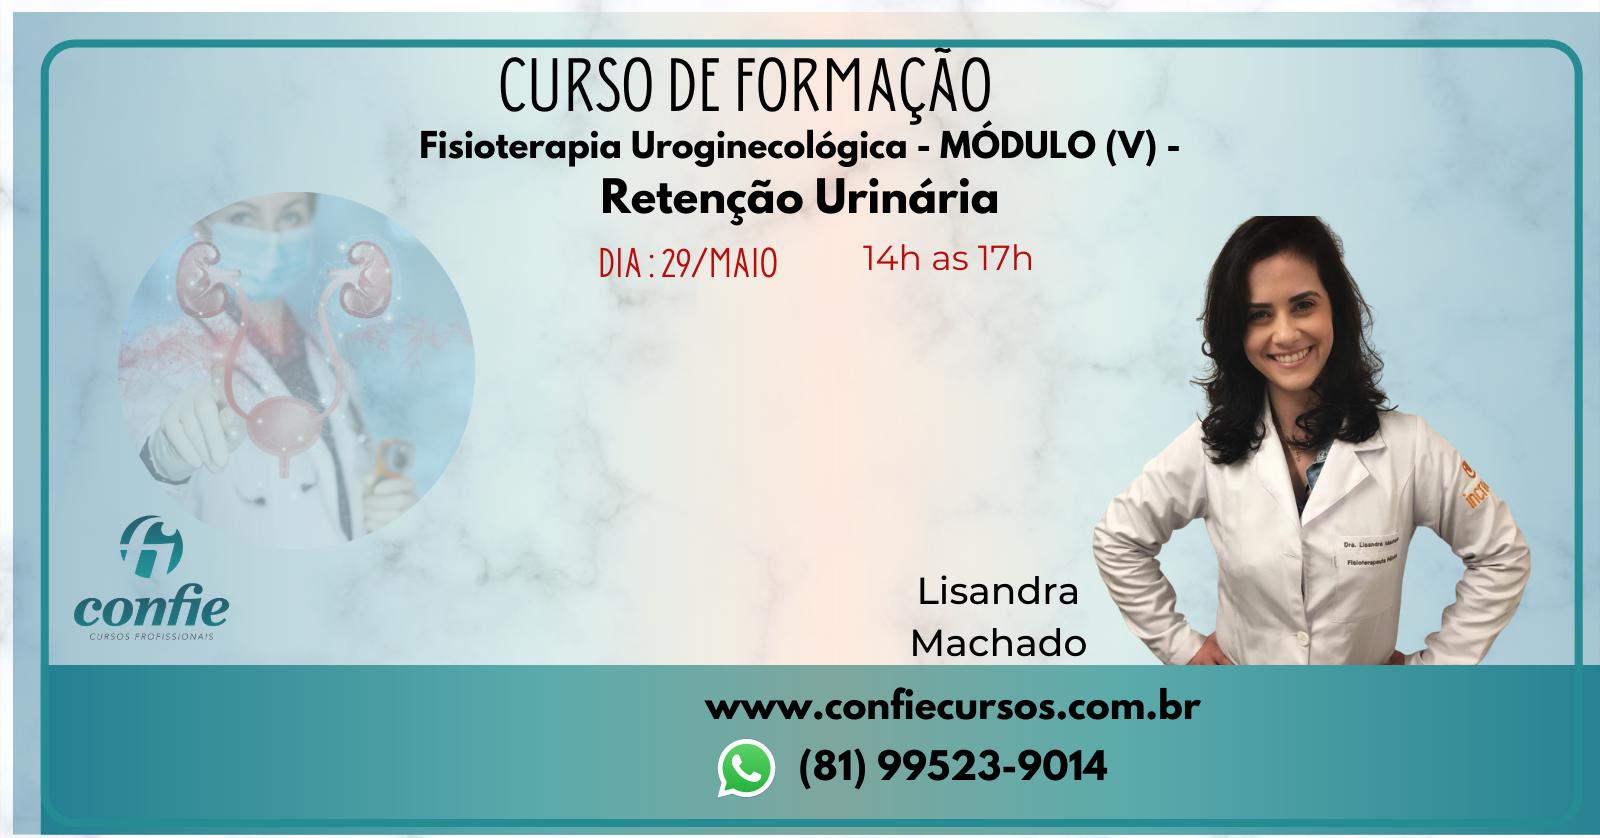 Curso De Formacao Em Fisioterapia Uroginecologica Modulo V Retencao Urinaria Sympla